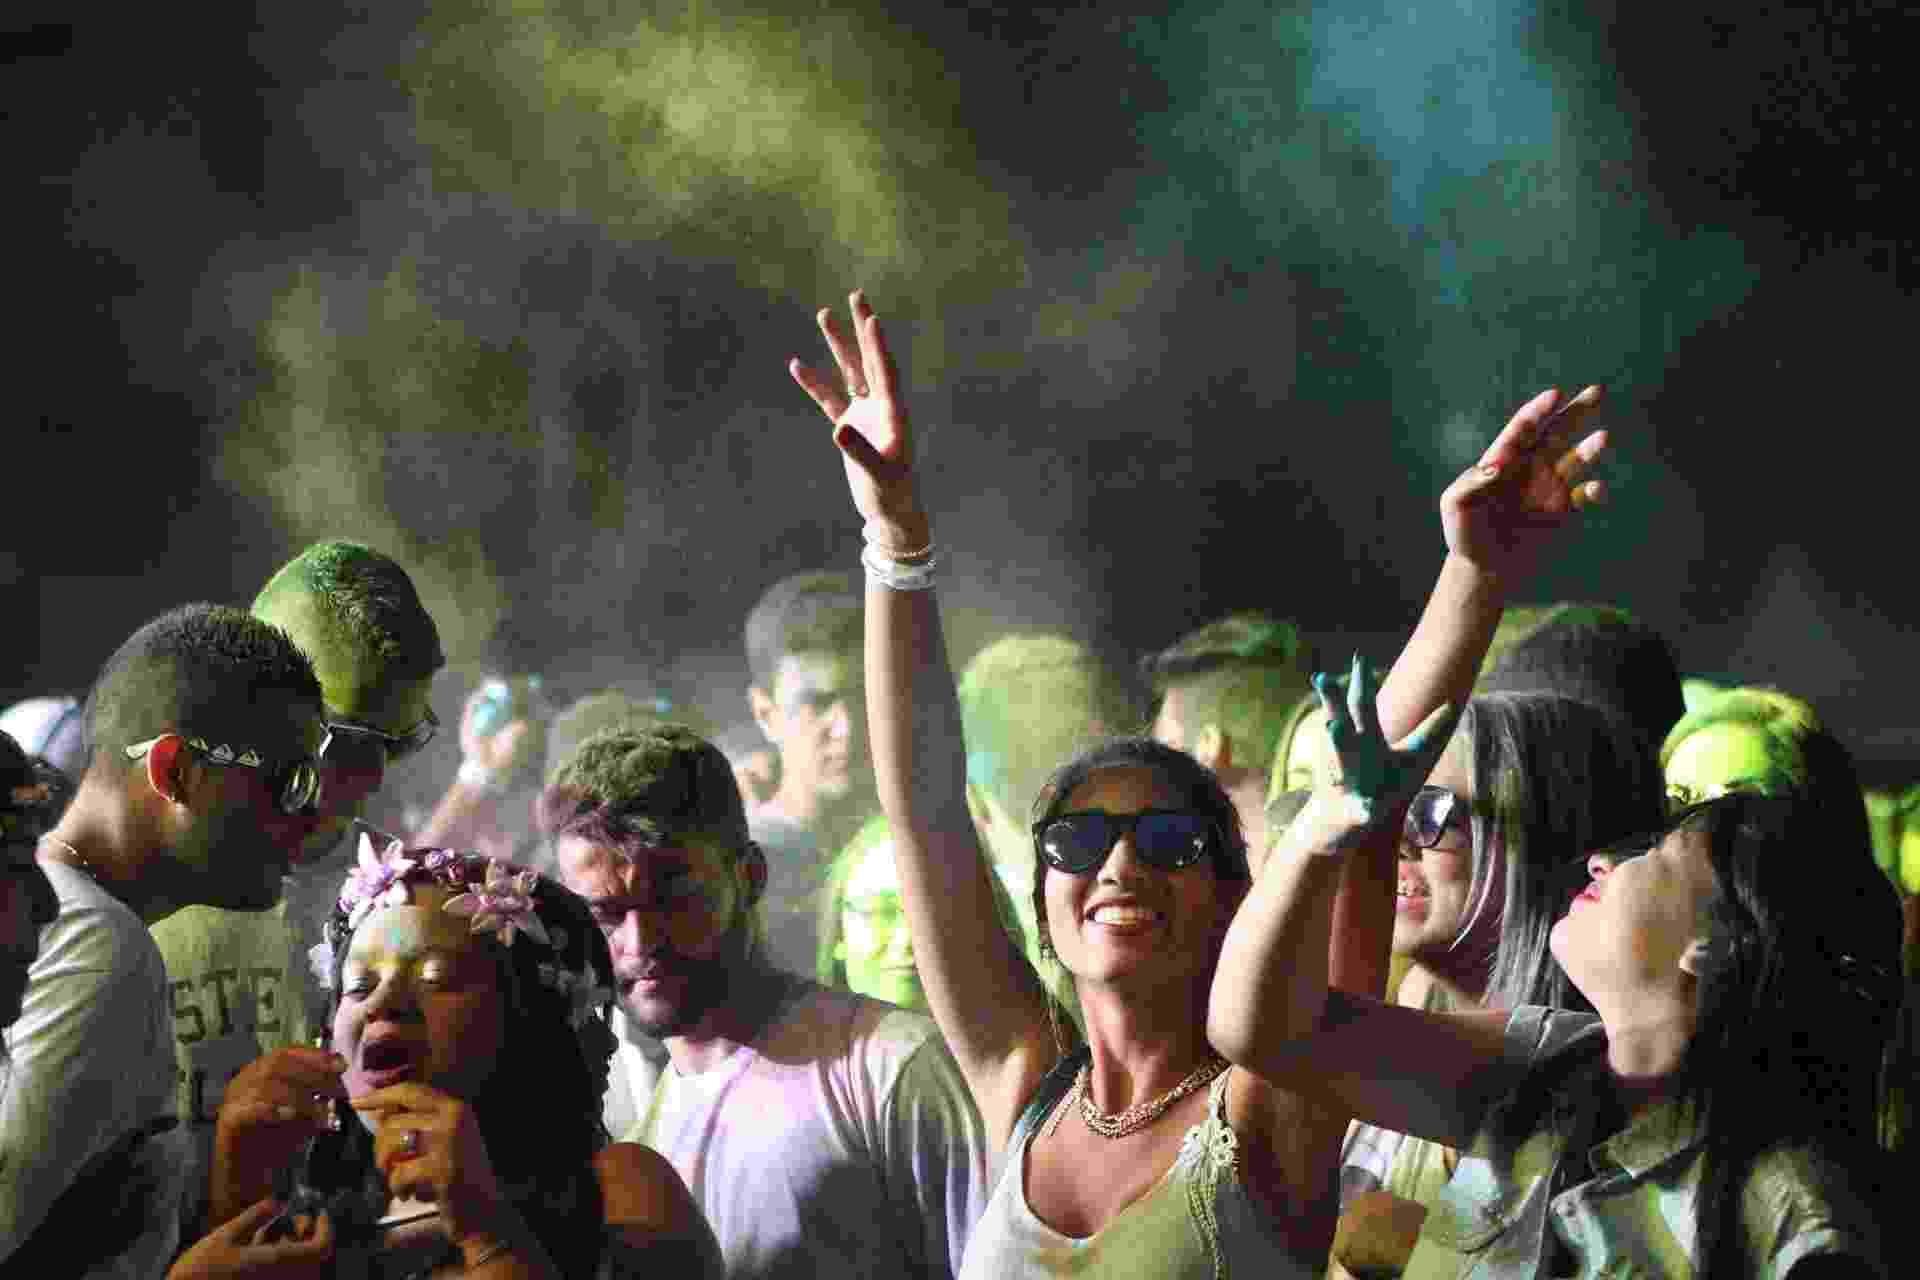 Festival Holi Color Brasil atrai muitos jovens na Arena Relâmpago, no Estádio da Portuguesa ? Canindé, em São Paulo, neste domingo4.out.2015 - Festival Holi Color Brasil atrai muitos jovens na Arena Relâmpago, no Estádio da Portuguesa ? Canindé, em São Paulo, neste domingo - Junior Lago/UOL